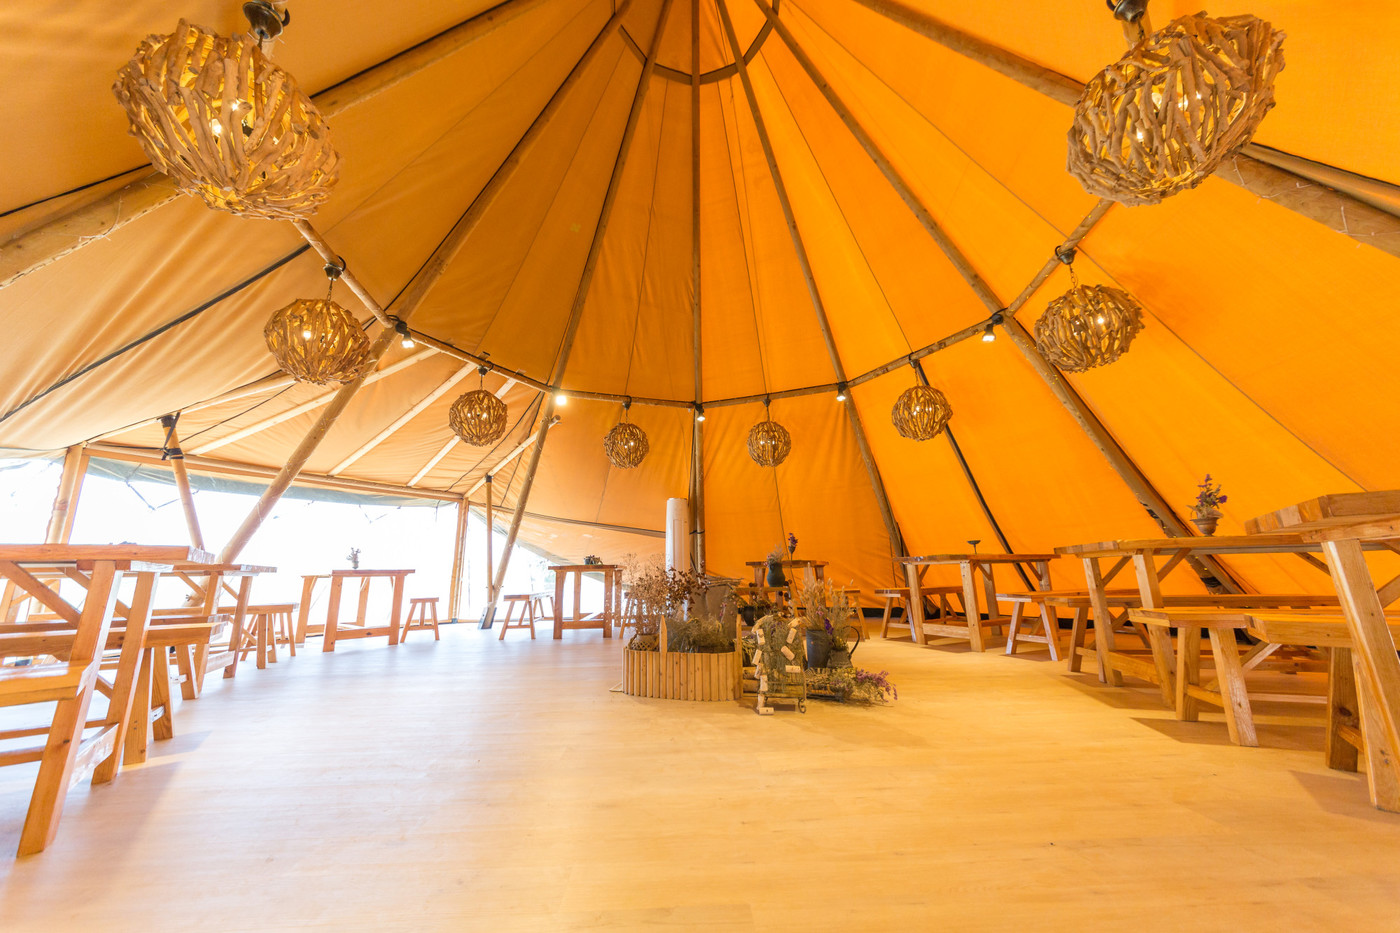 喜马拉雅印第安多功能大厅帐篷酒店24